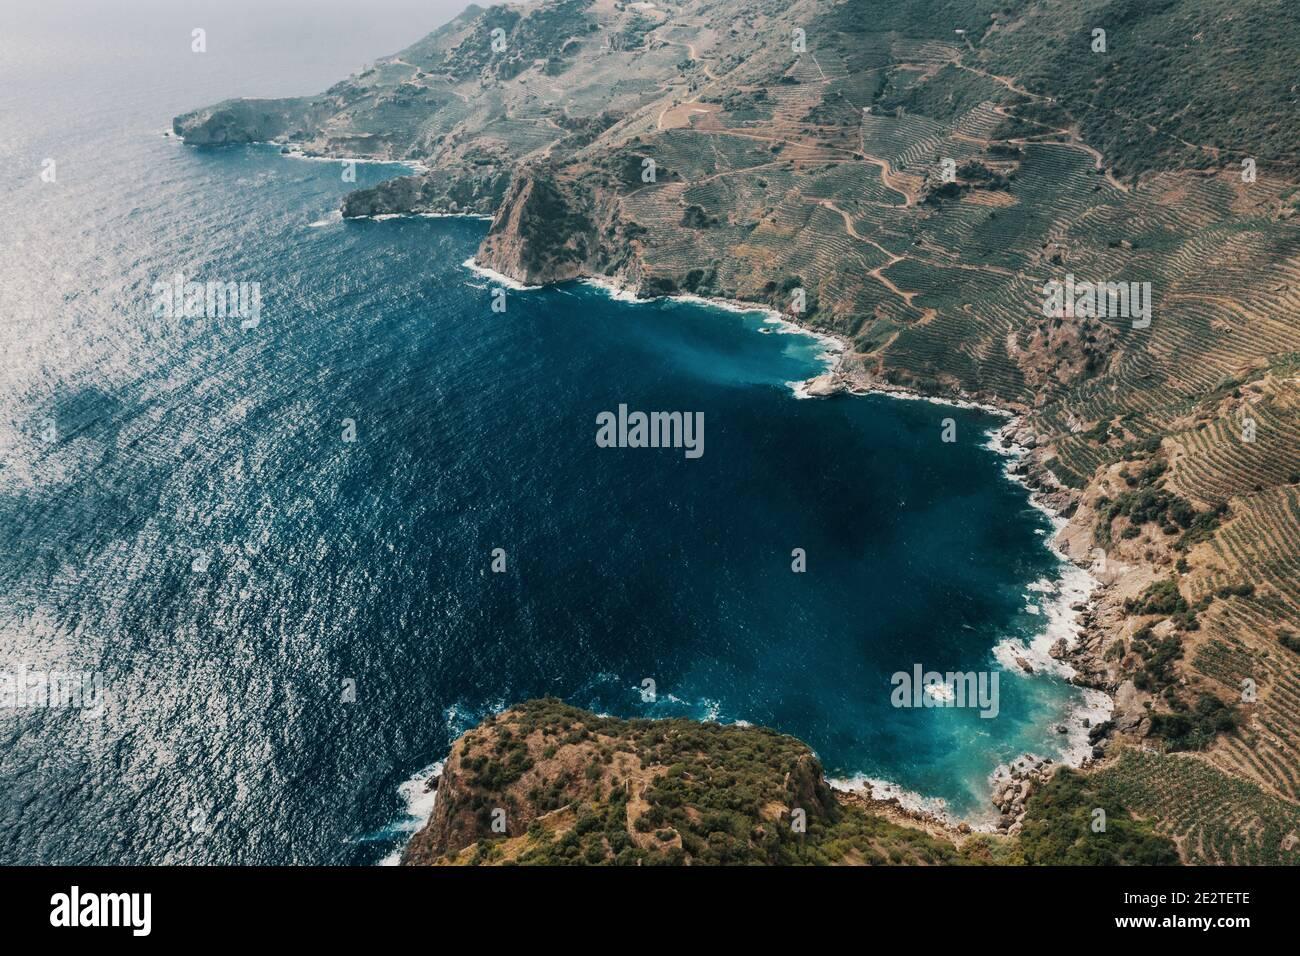 Vue sur une côte rocheuse vide, mer azur, montagne et rochers, Turquie Banque D'Images